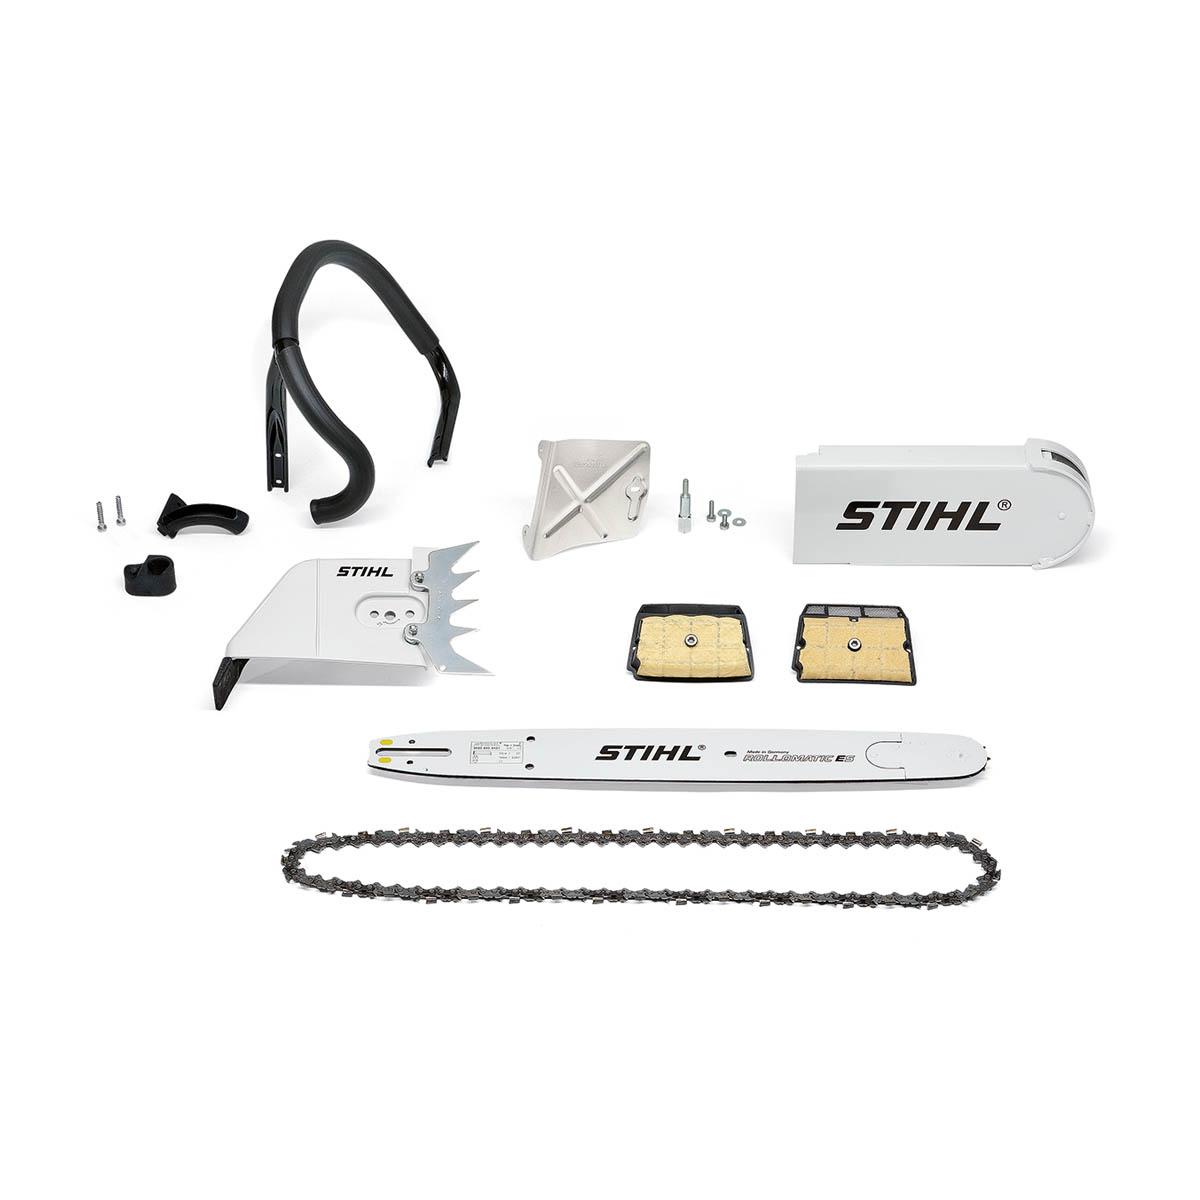 Kit de Conversion a Motosierra de Salvamento STIHL